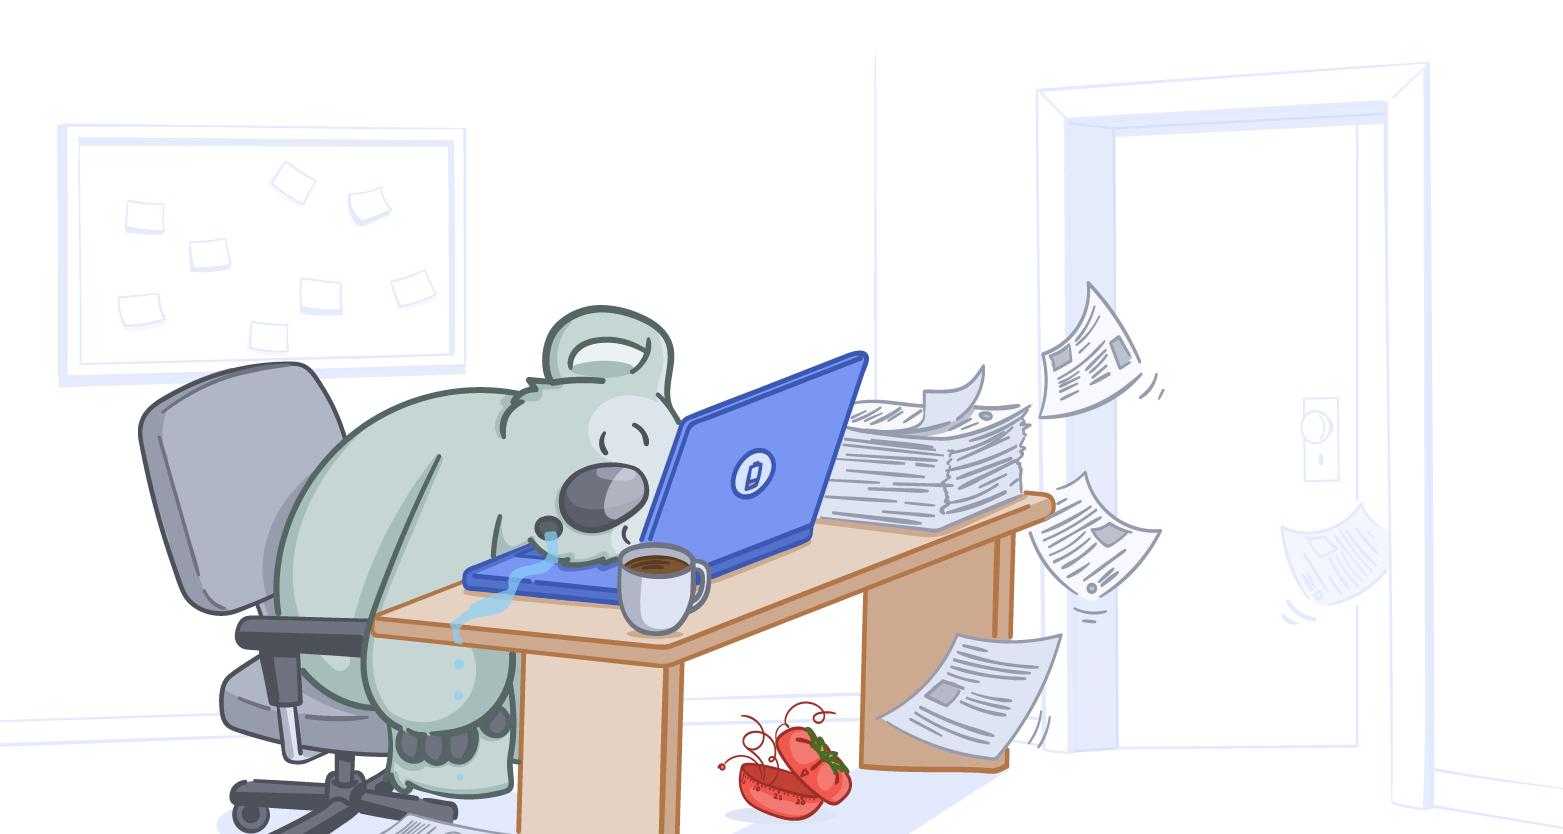 Baixa produtividade em agências: como lidar?